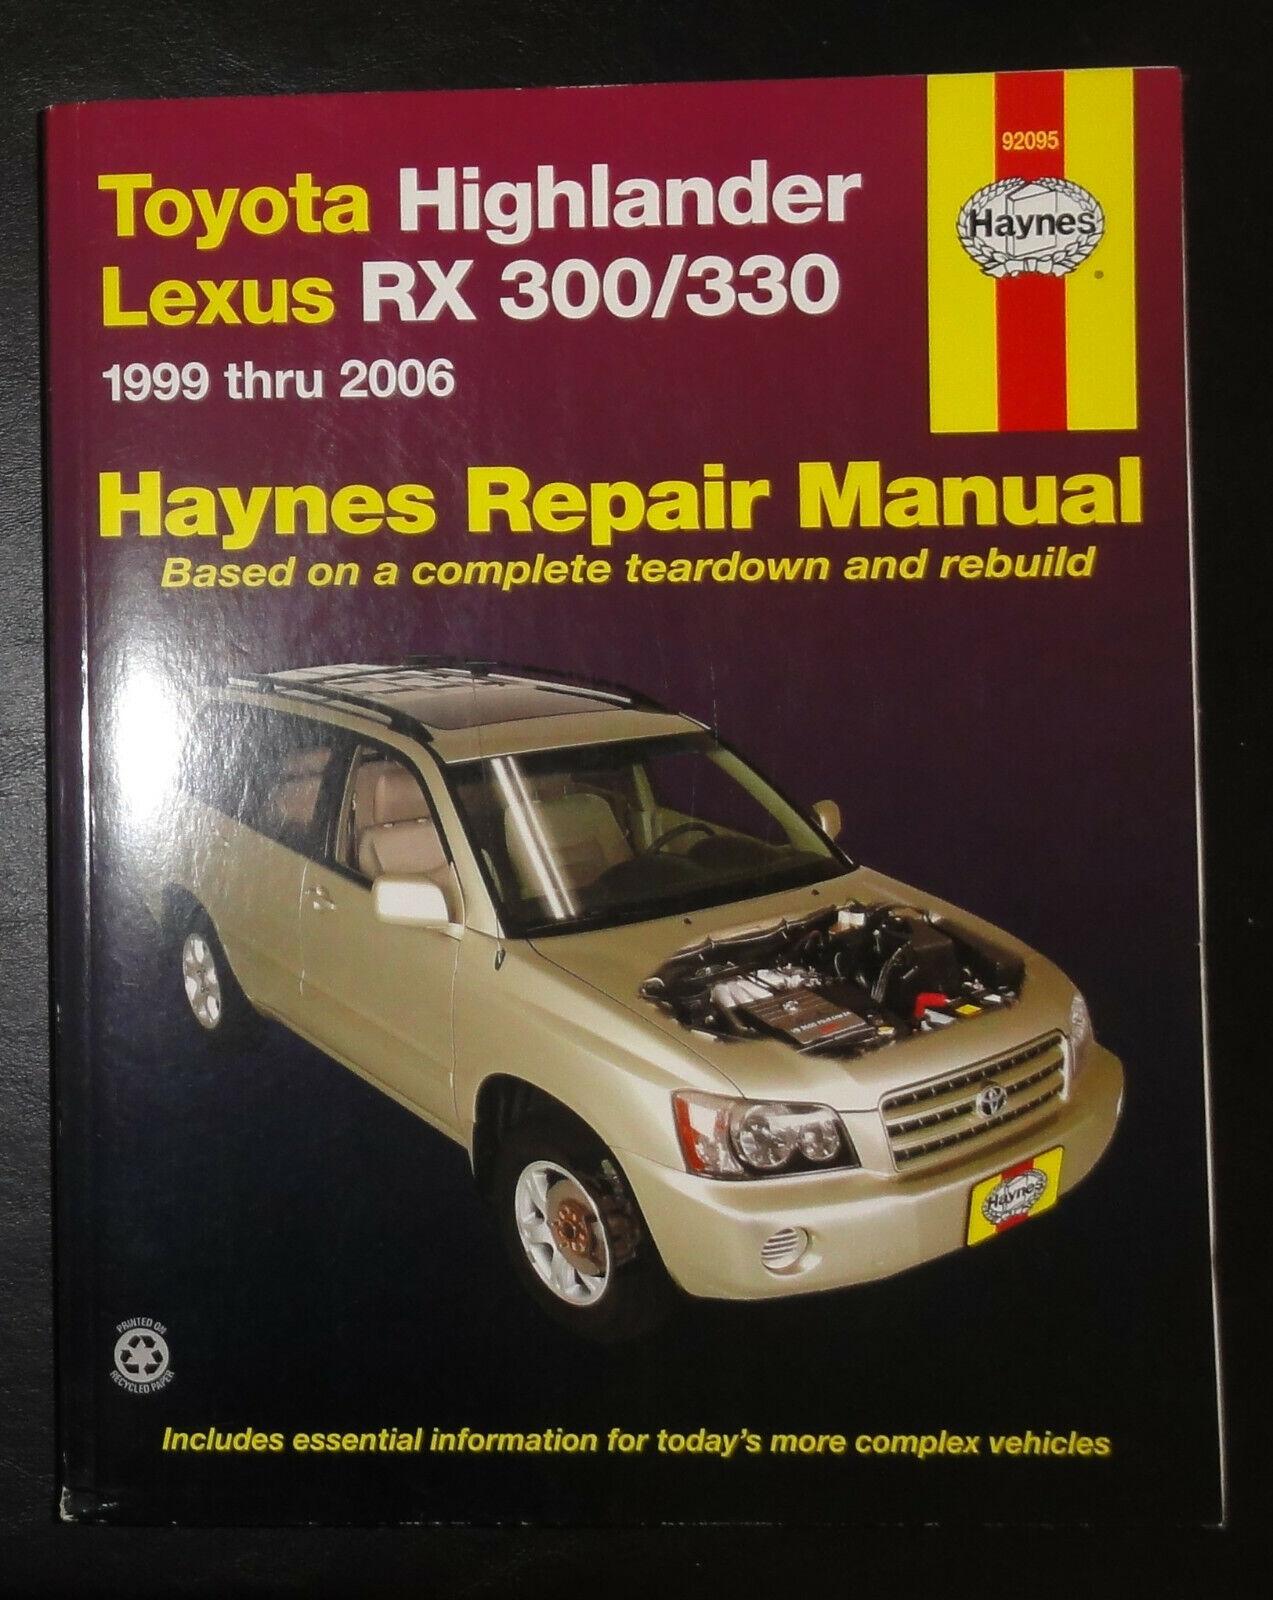 Haynes 99095 Technical Repair Manual